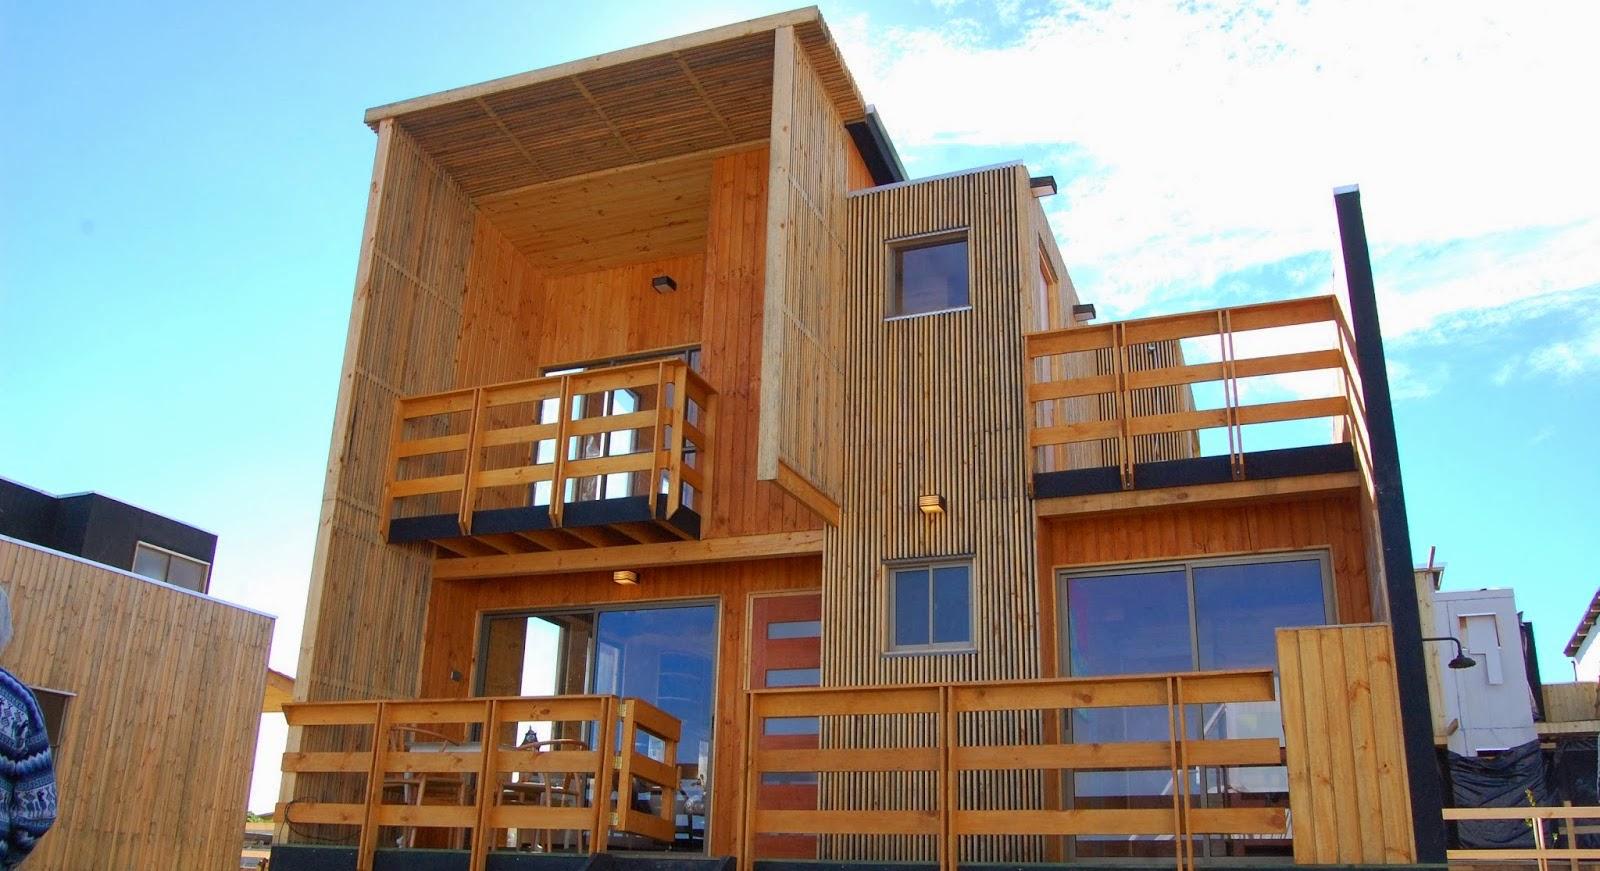 http://estradamassera2.blogspot.com/p/arquitectura-unifamiliar.html